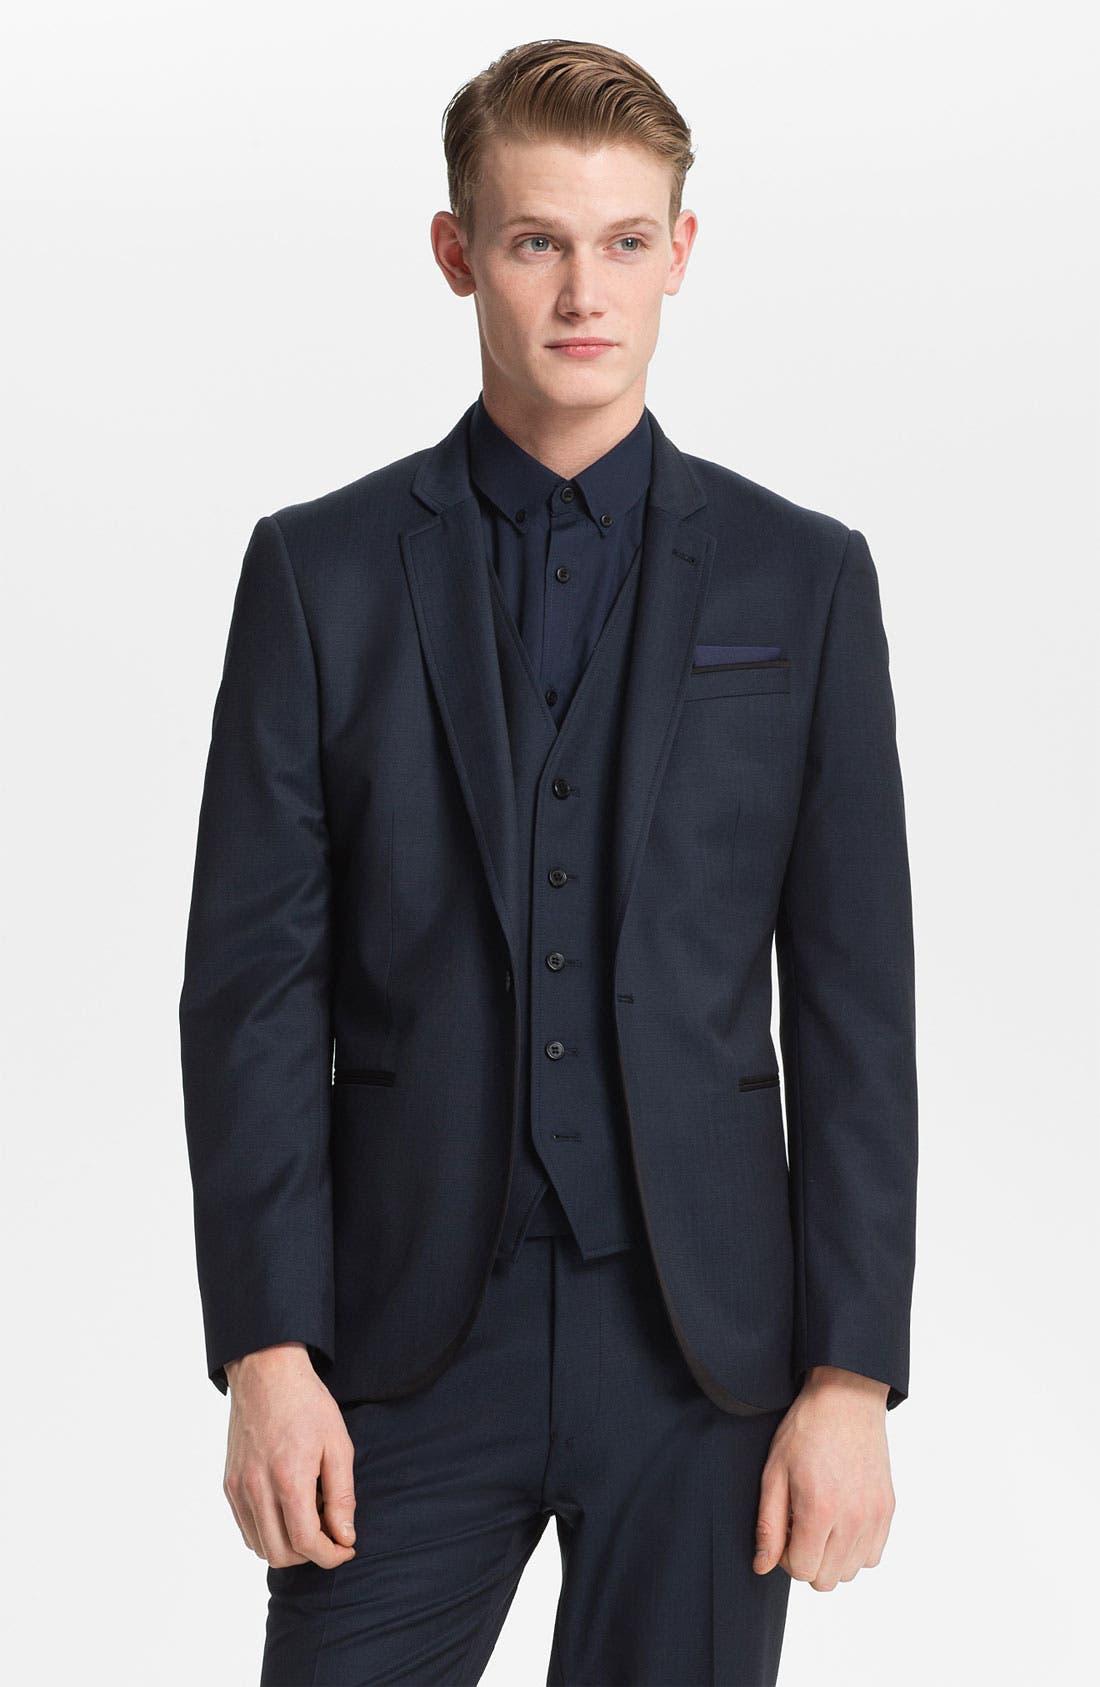 Alternate Image 1 Selected - Topman 'Bogart' Skinny One Button Blazer